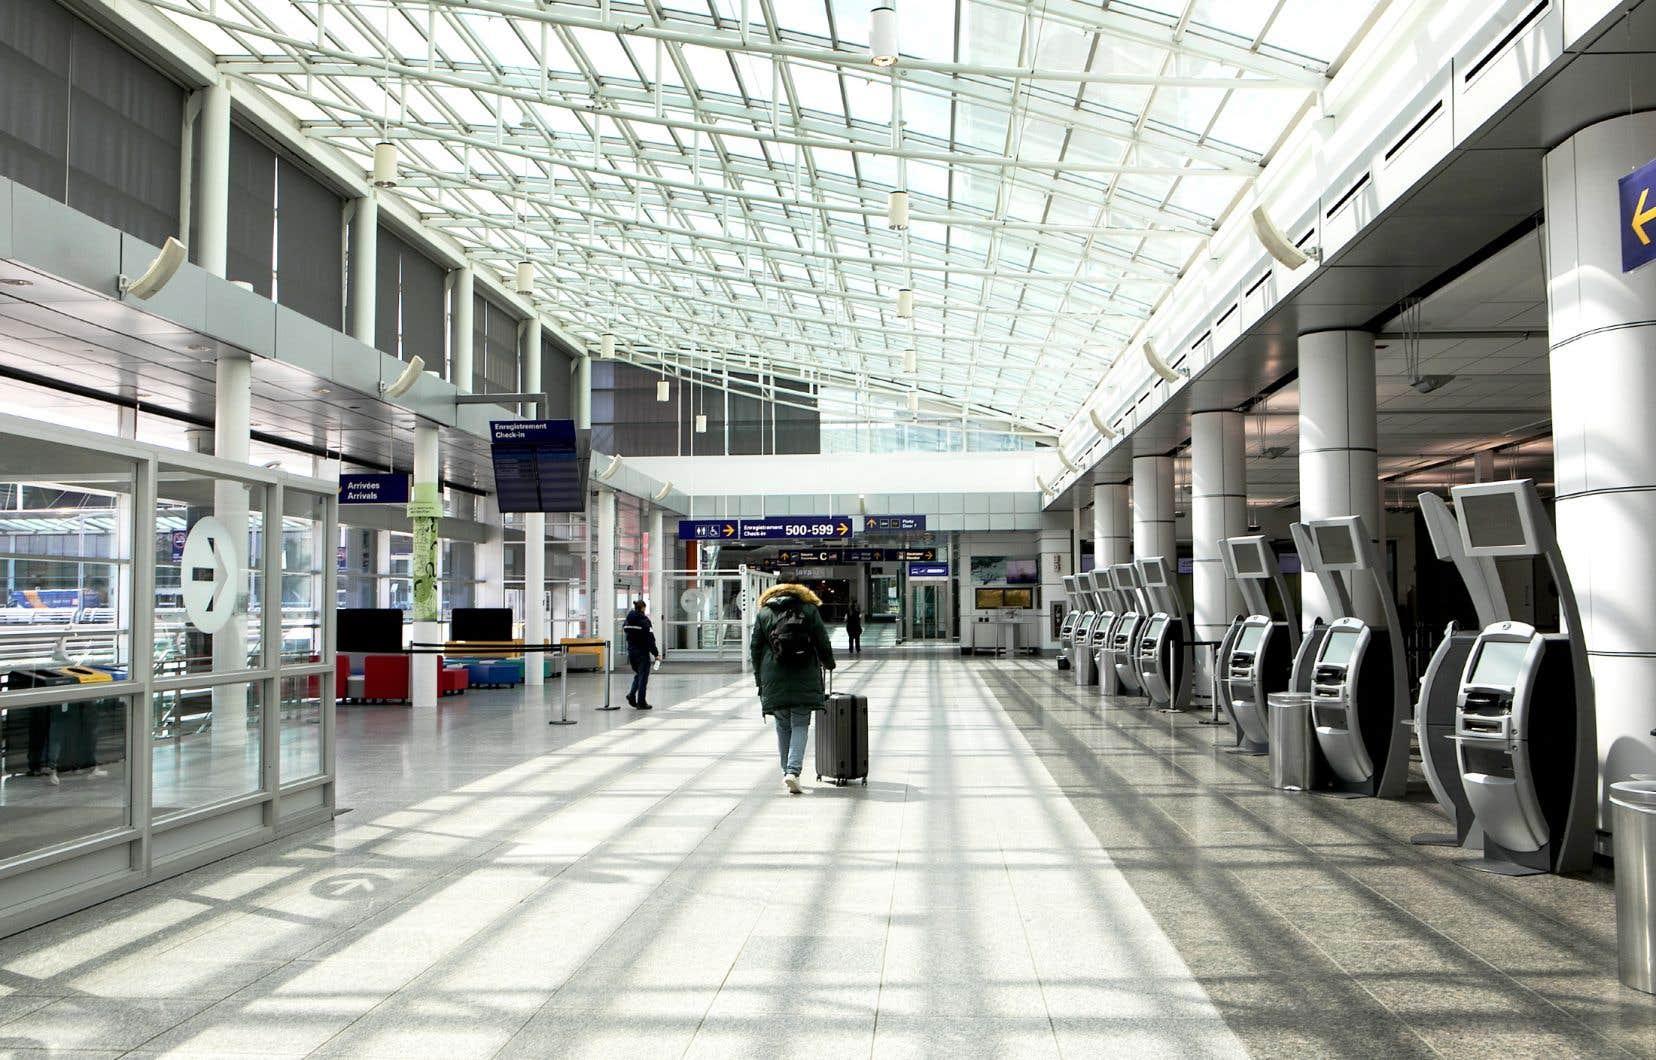 Selon les estimations de l'IATA, les recettes générées par les compagnies aériennes dans le marché canadien vont diminuer de 14,6milliards, ou de 43,2%.